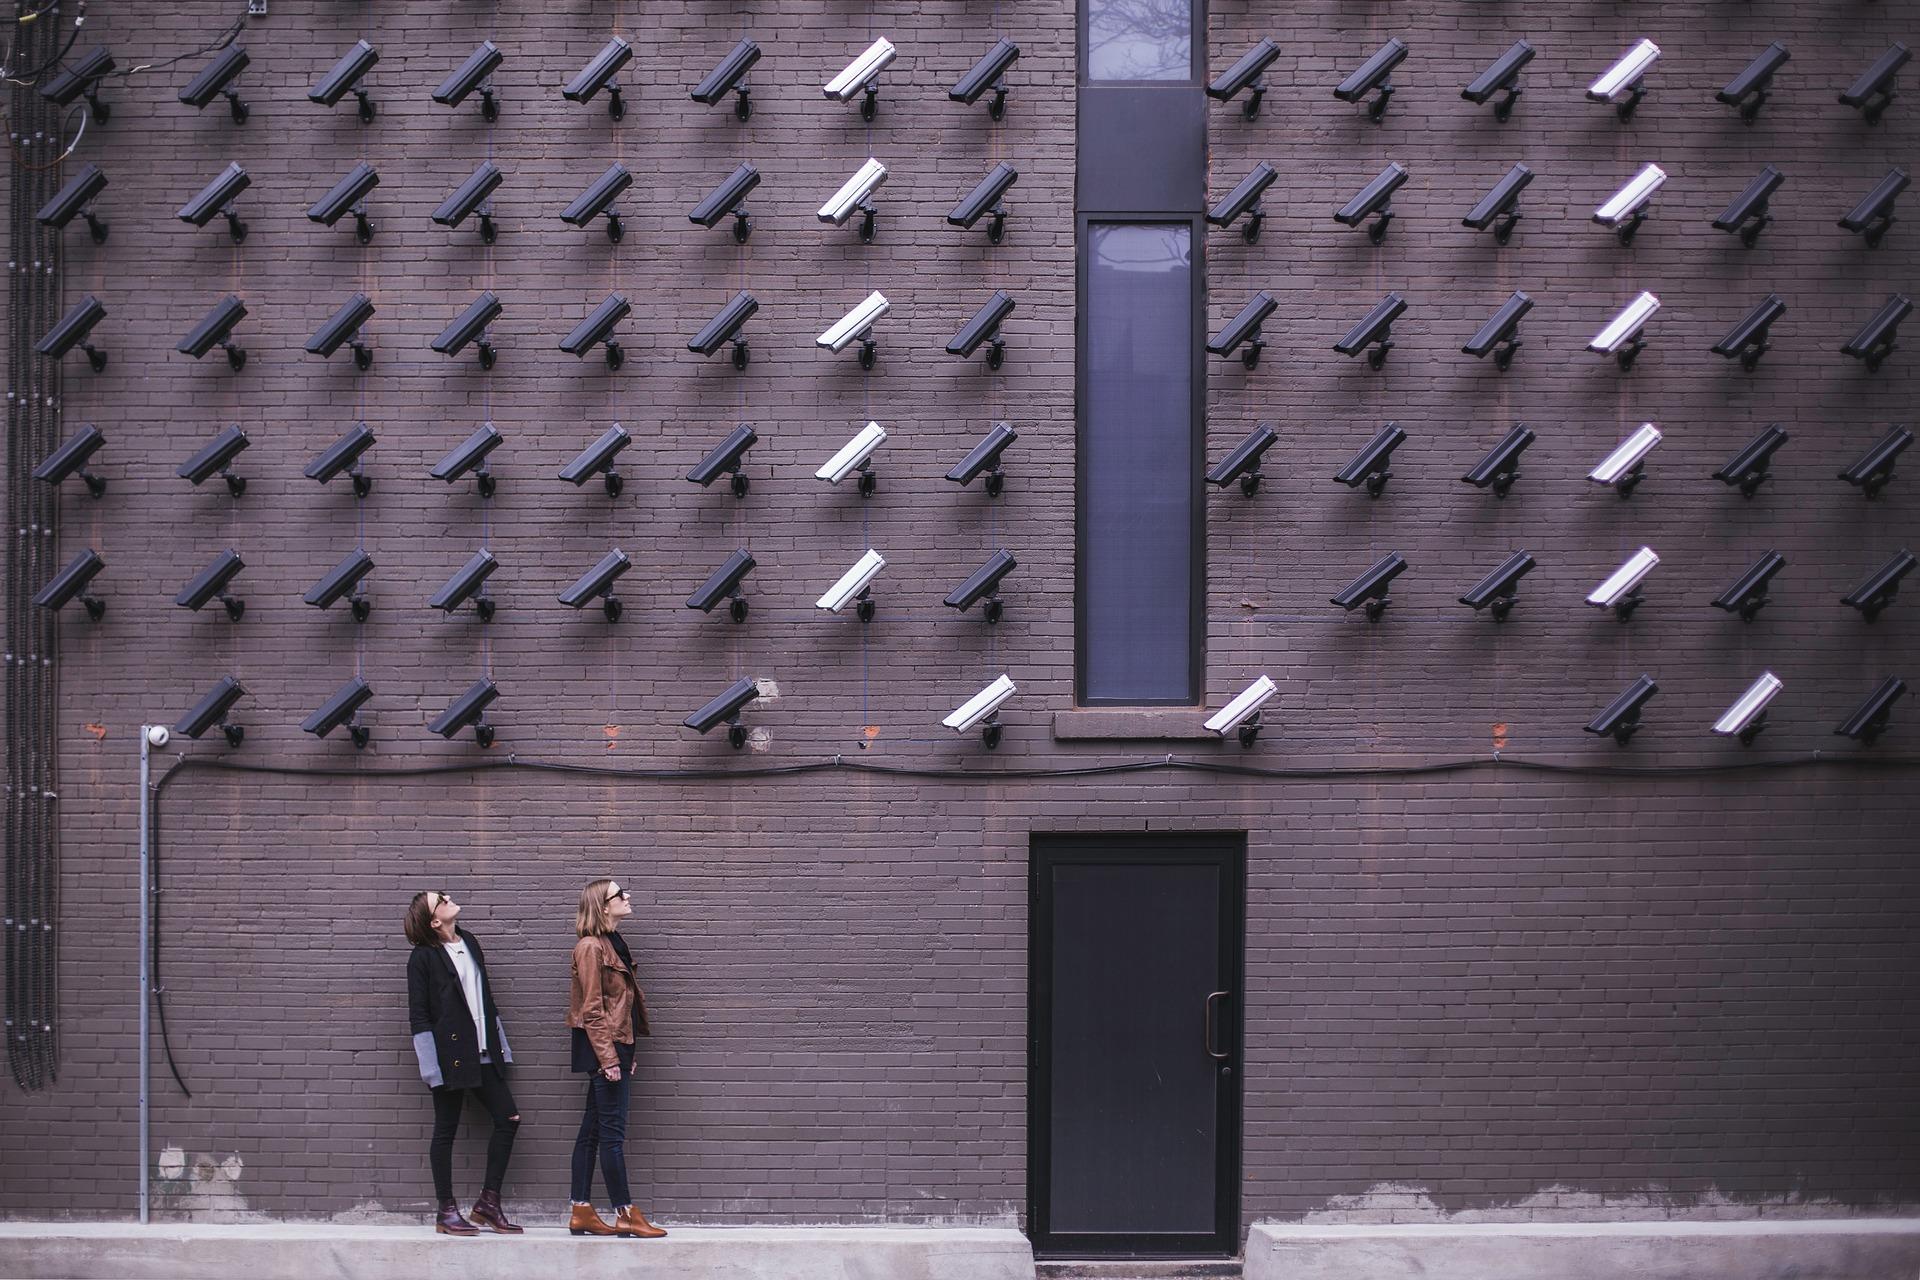 Caméra de Surveillance sur un mur immense